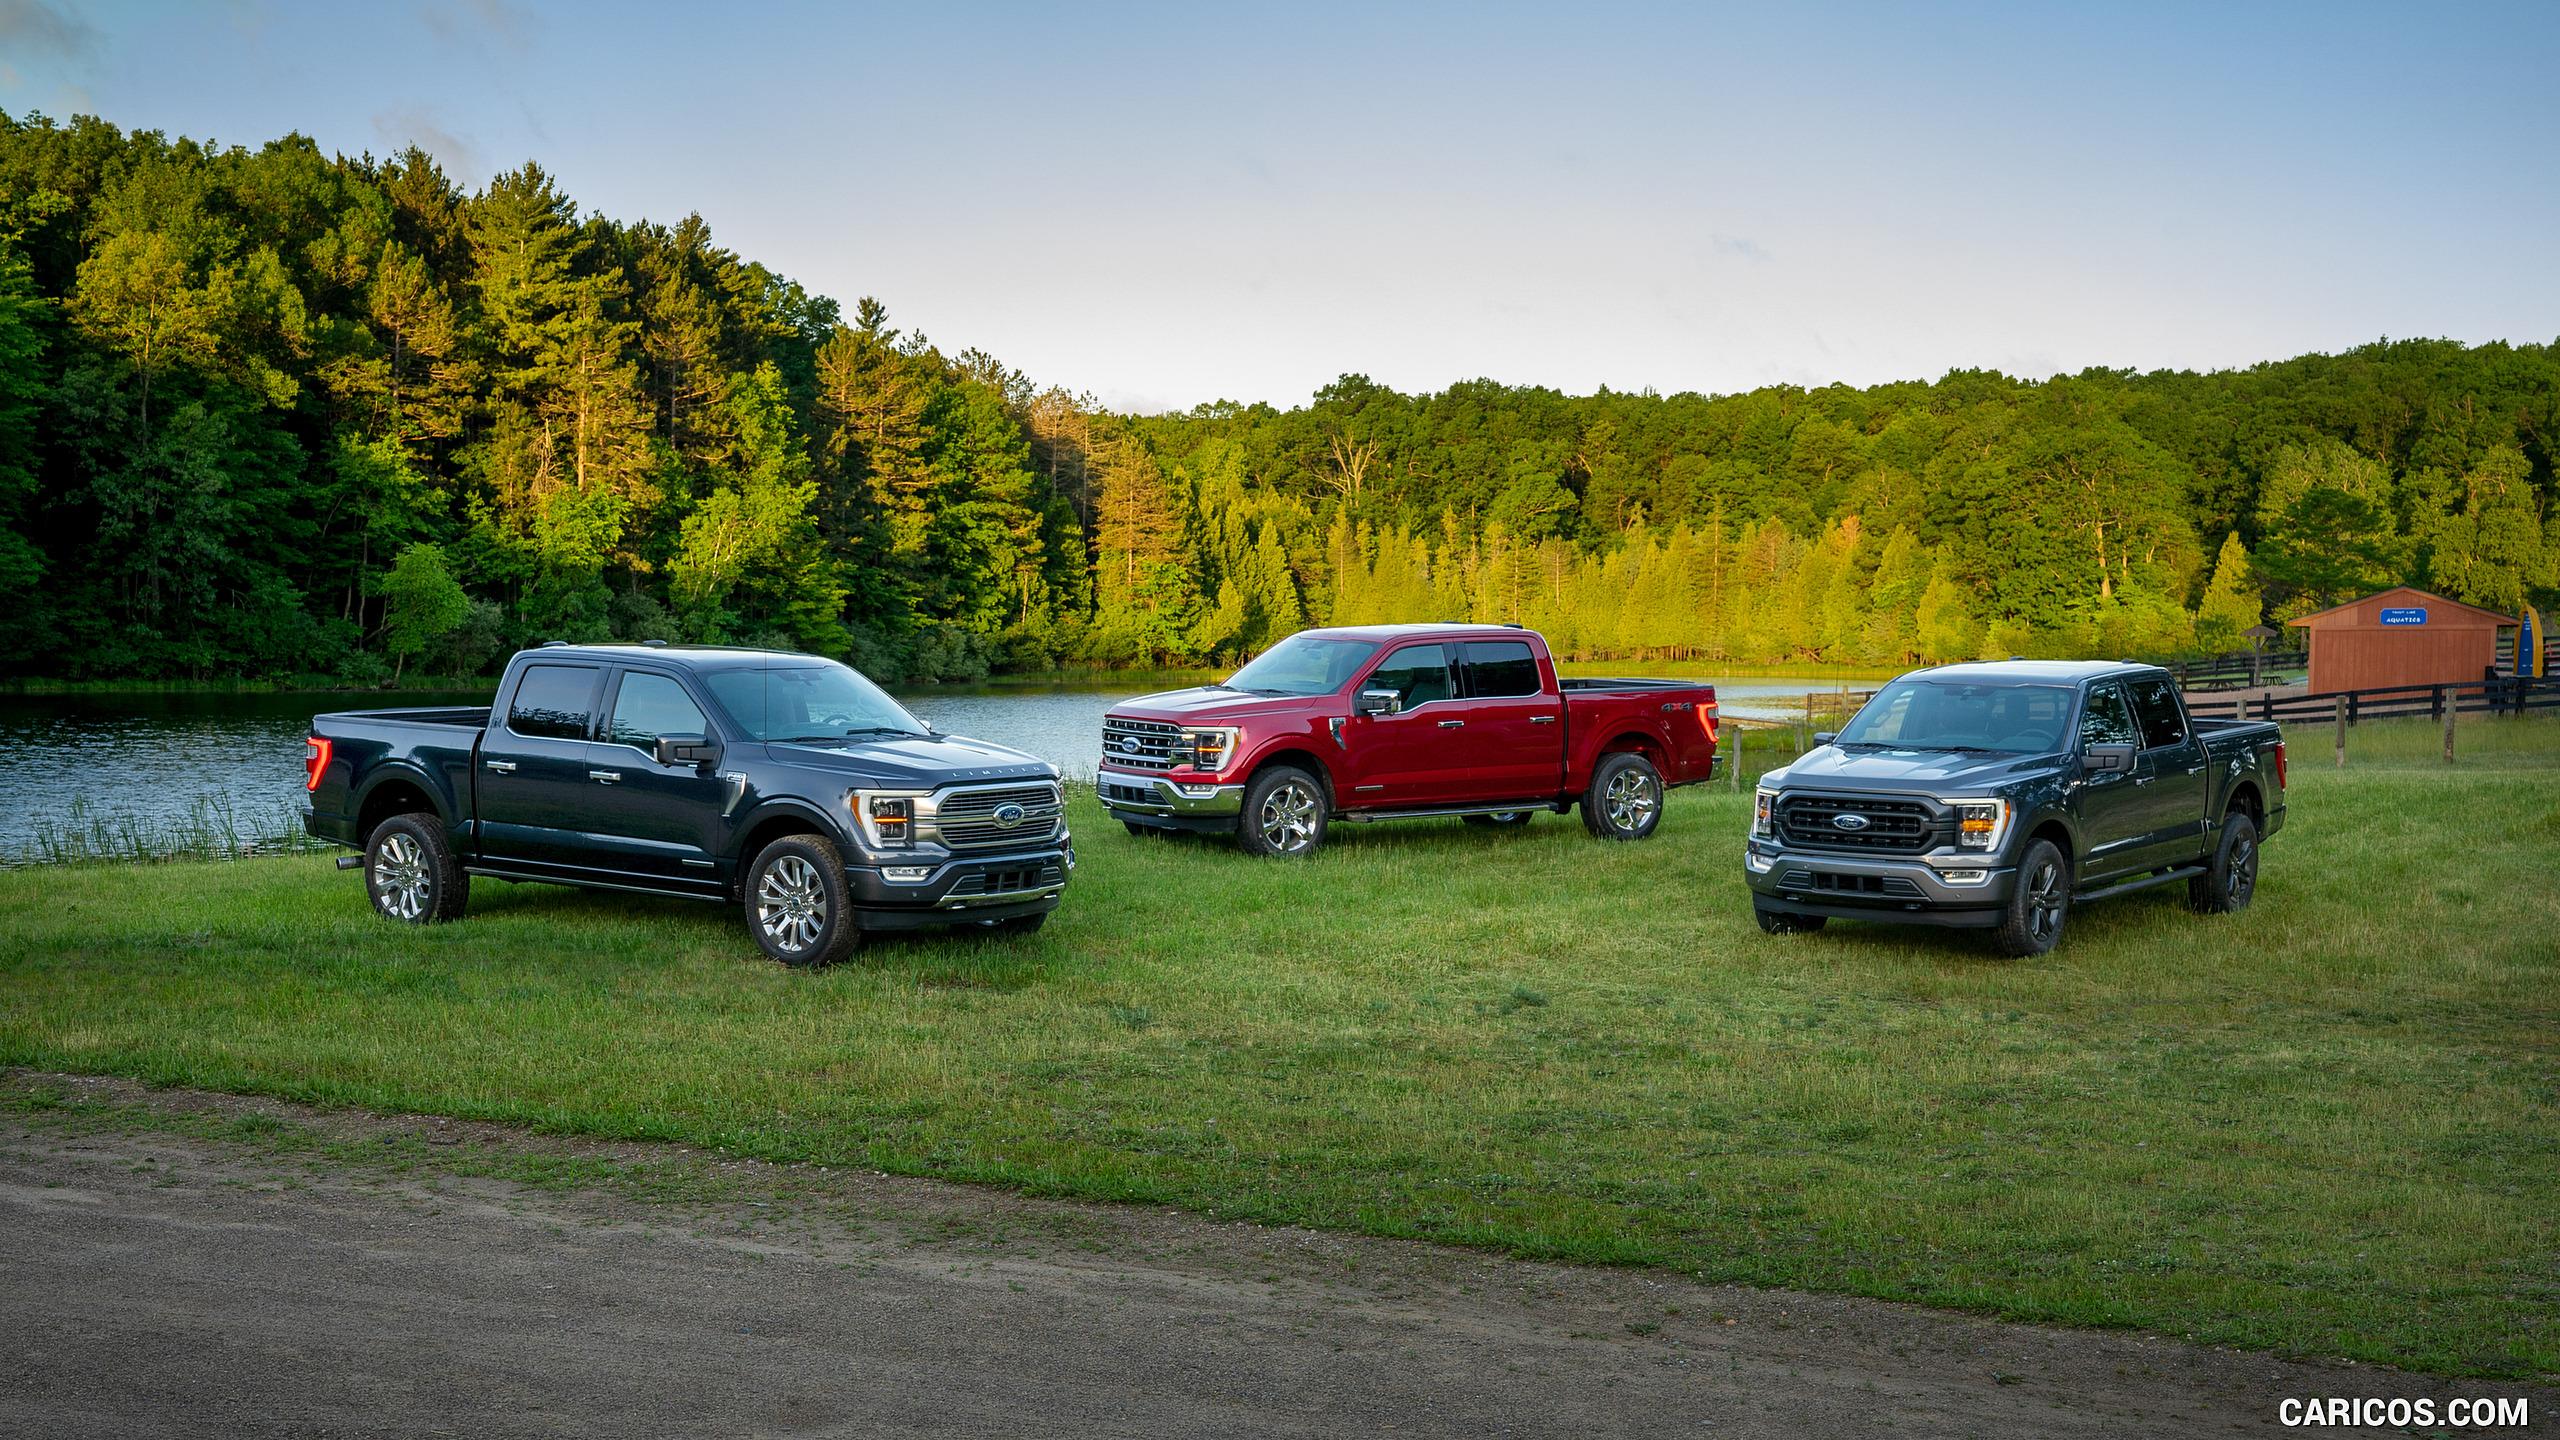 2021 Ford F 150 HD Wallpaper 27 2560x1440